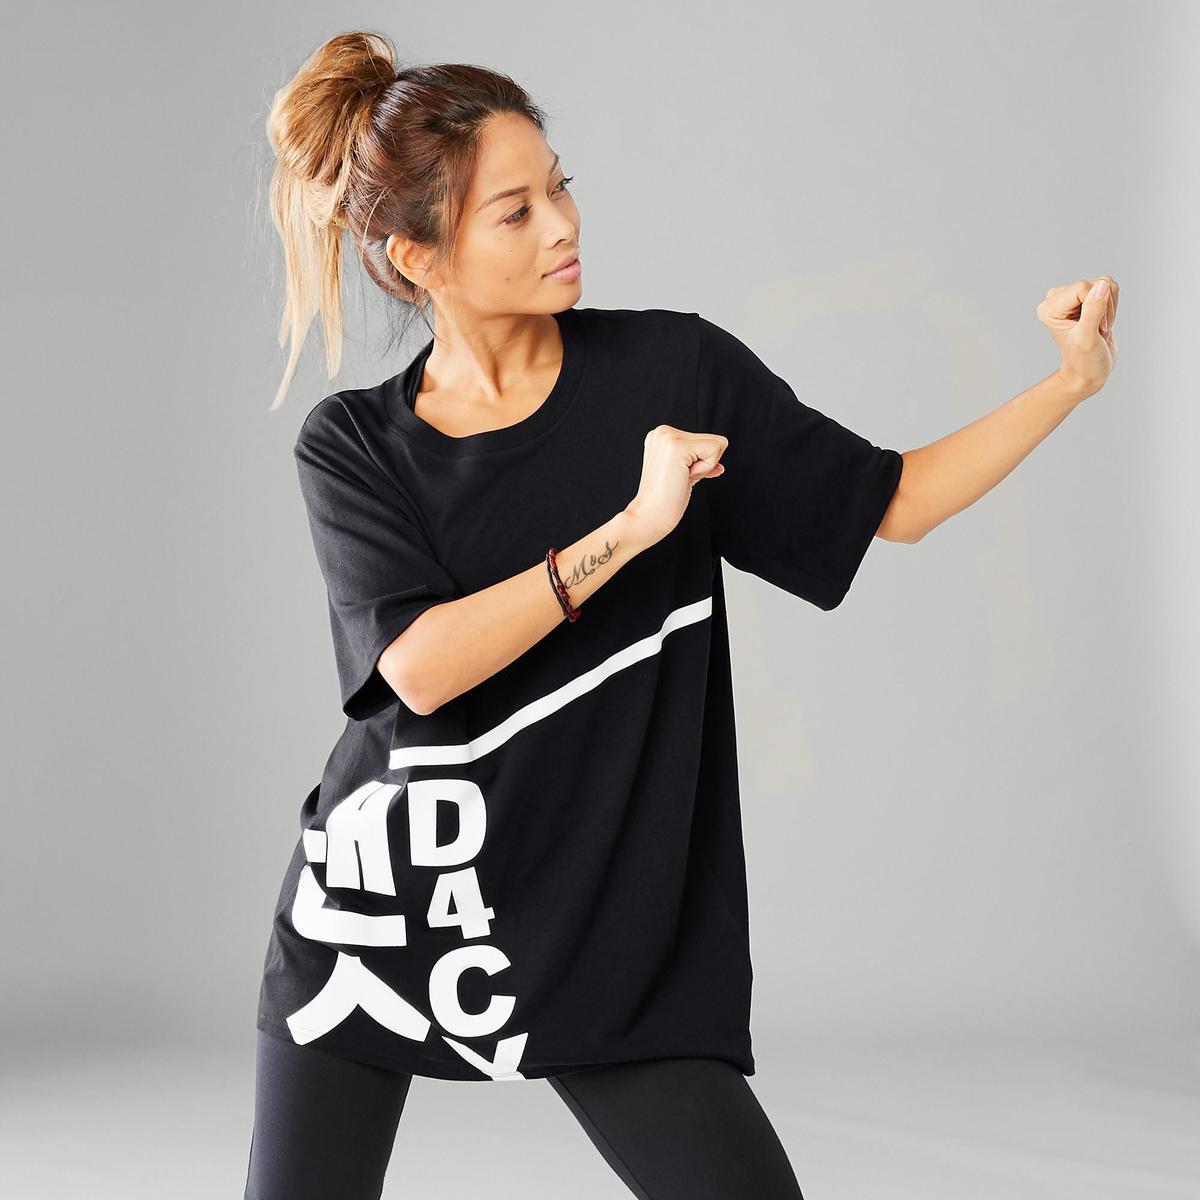 Bild 2 von T-Shirt weit Street Dance Boyfriend-Look Damen